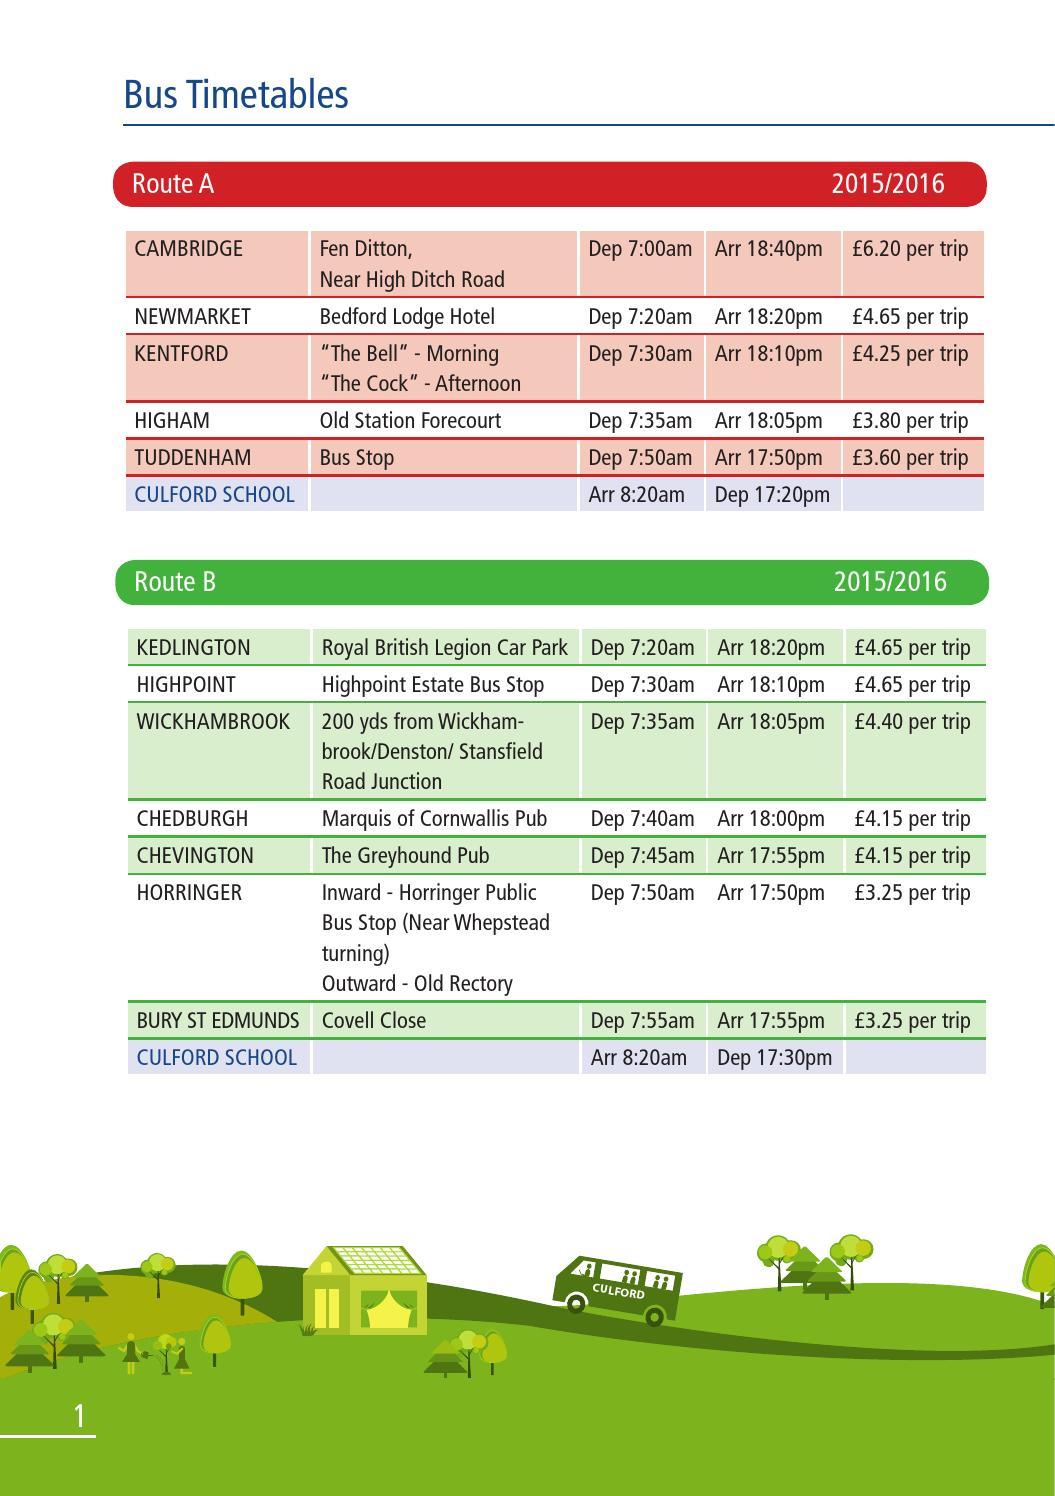 Culford Bus Timetable 2015 16 By Culford School Issuu